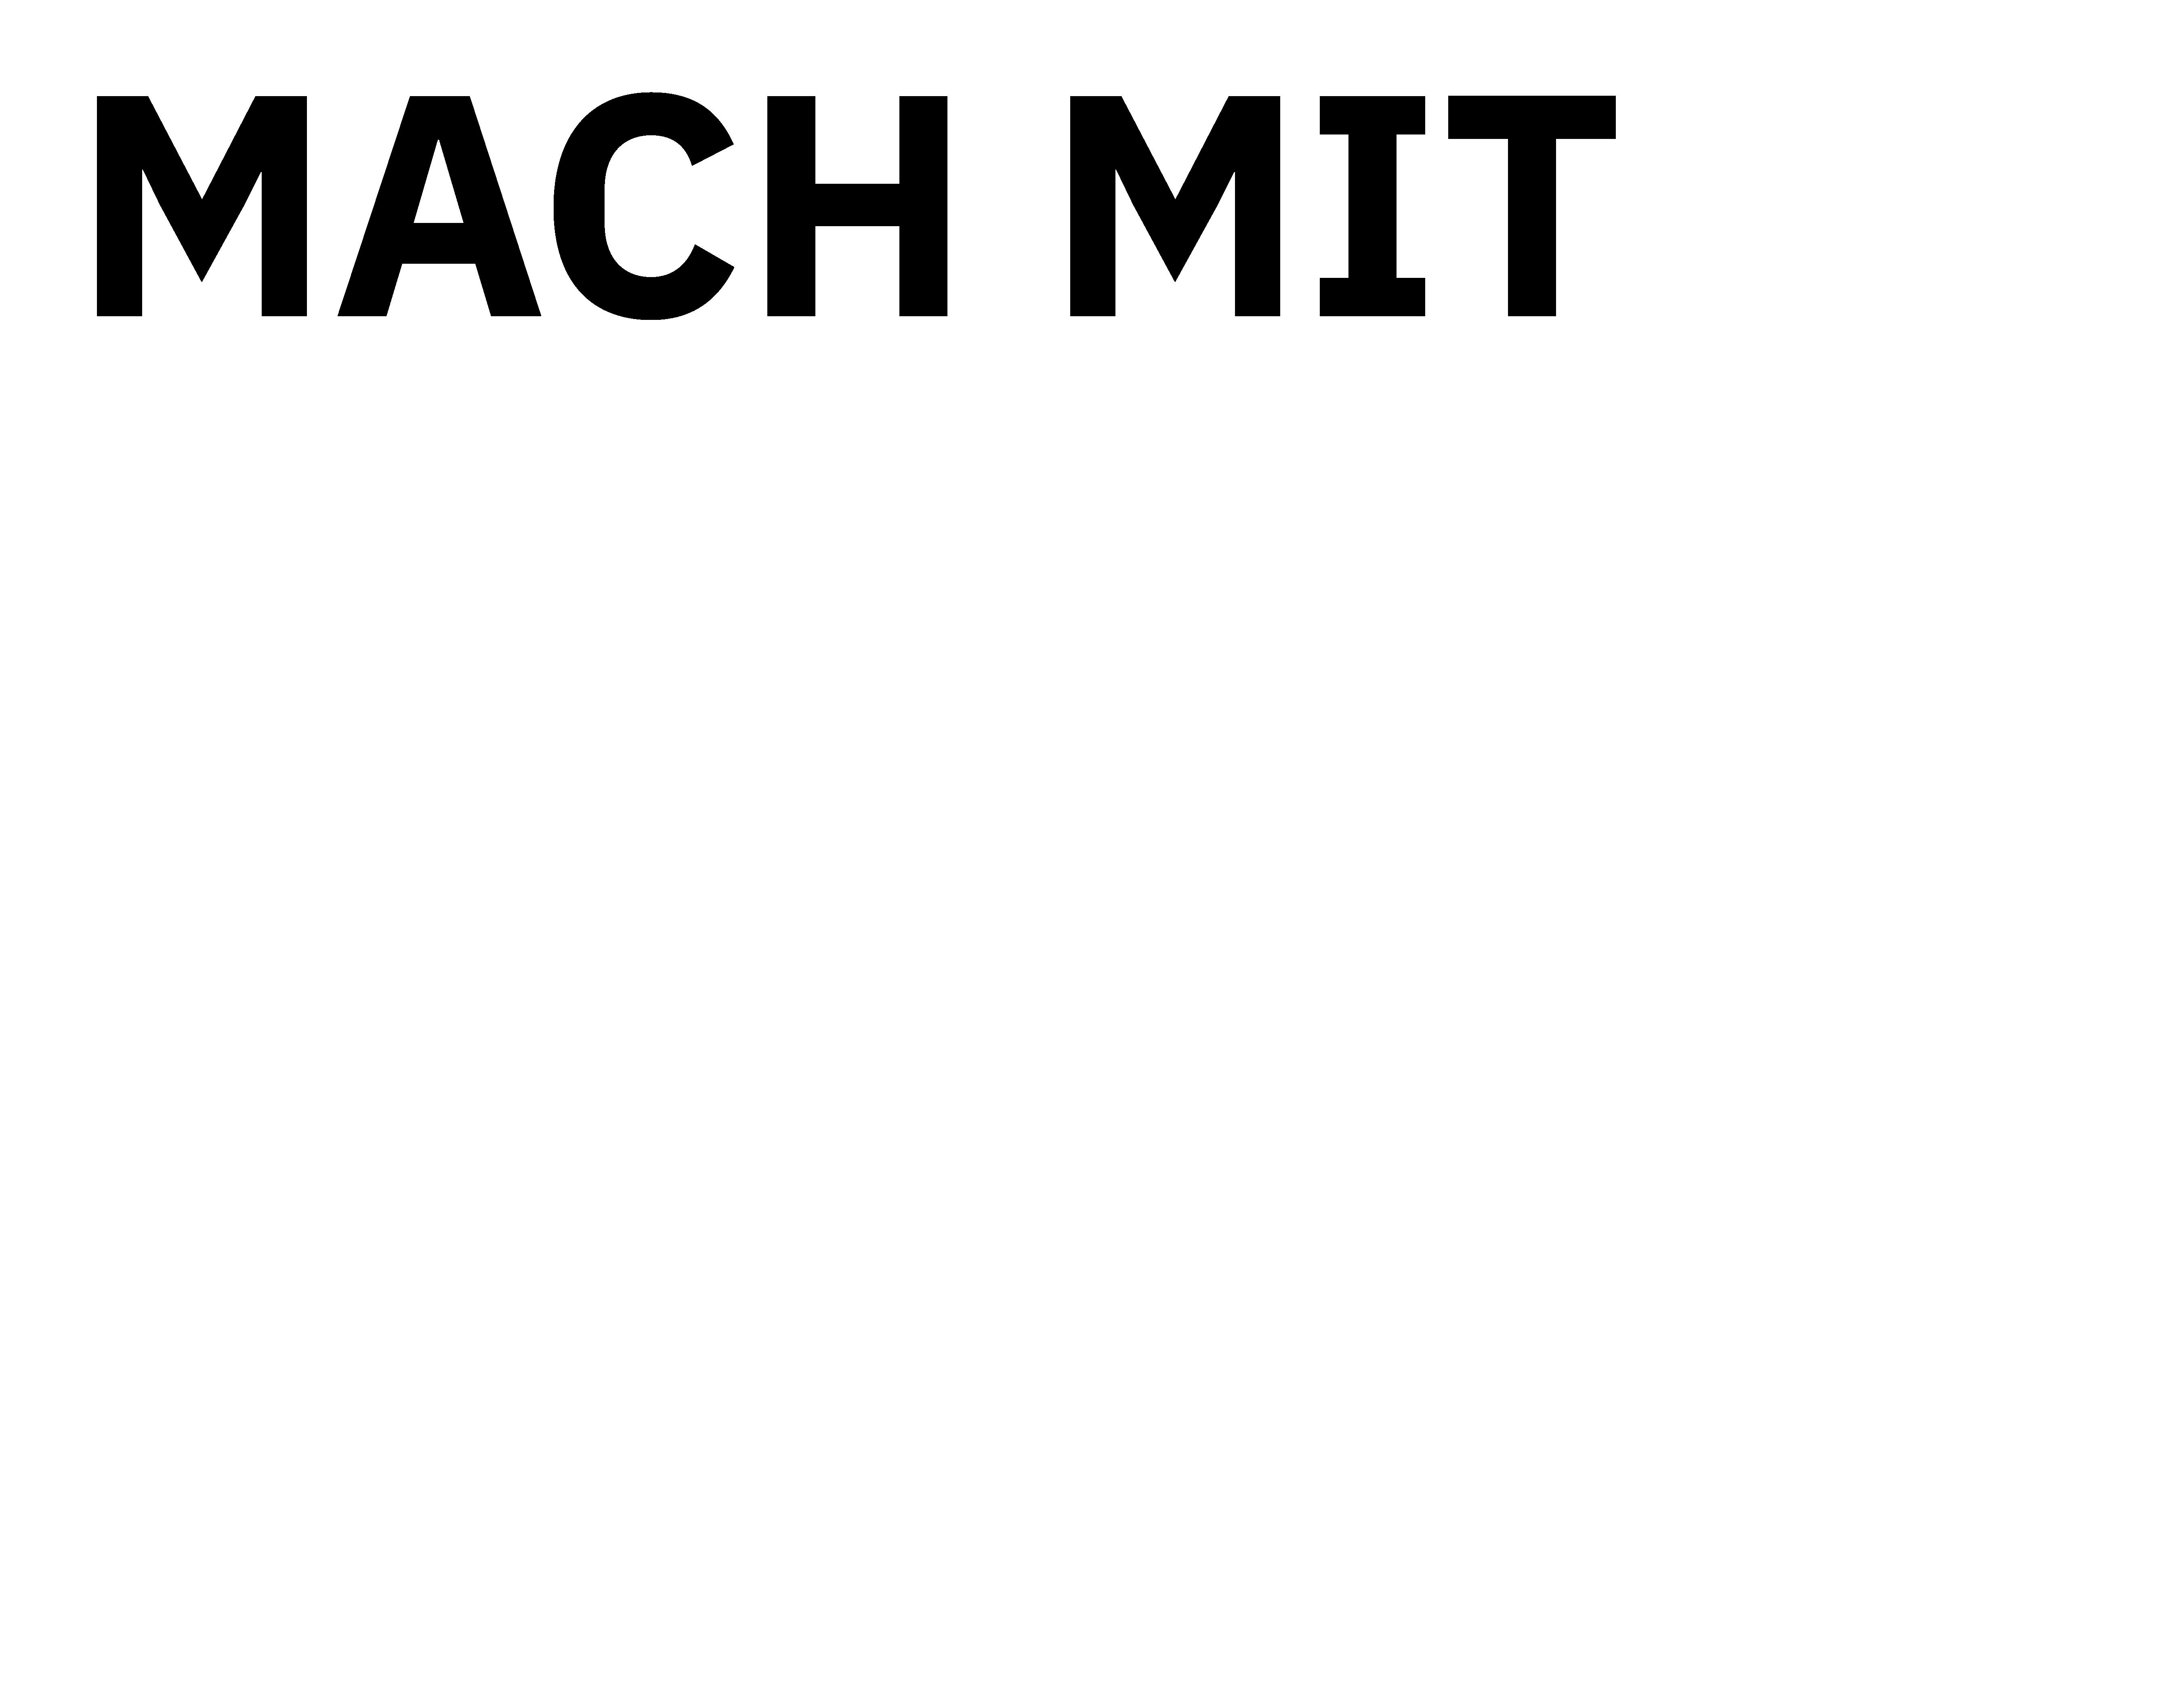 MACH_MIT-08